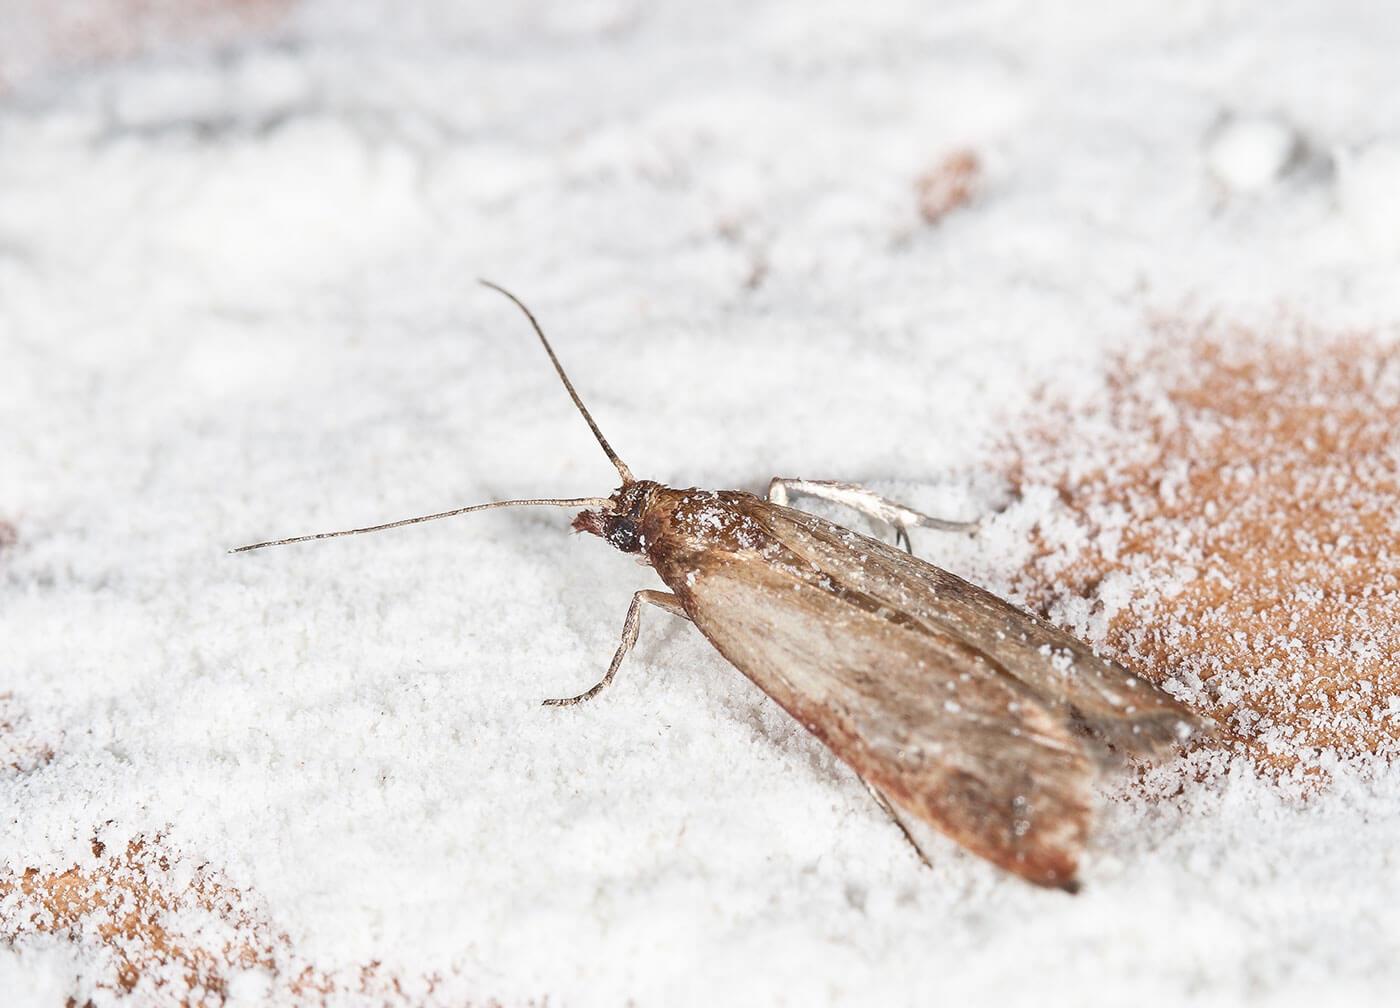 Moth infestation in flour